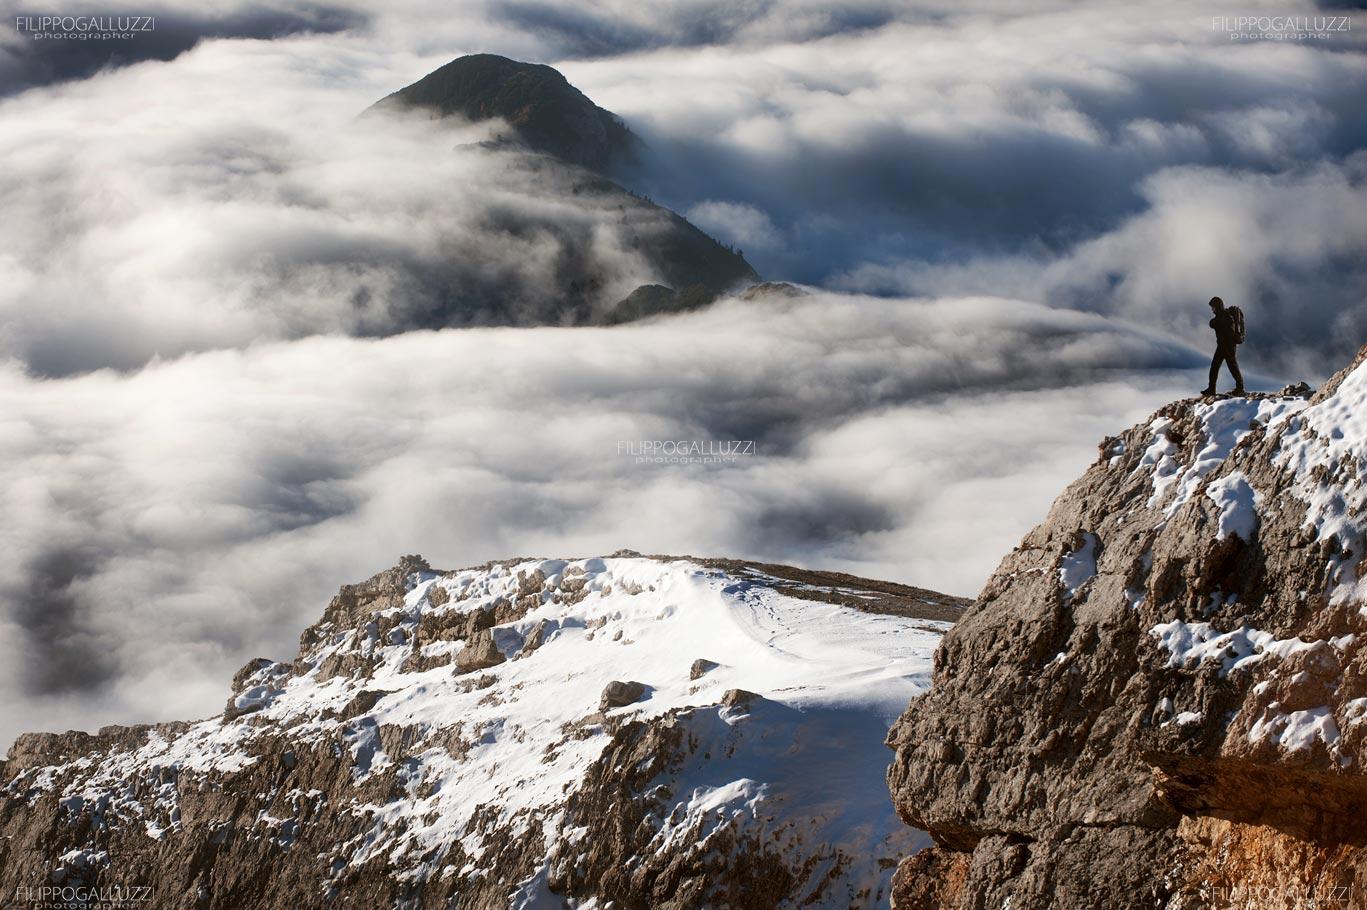 Dolomiti, Alta Pusteria, Sudtirol